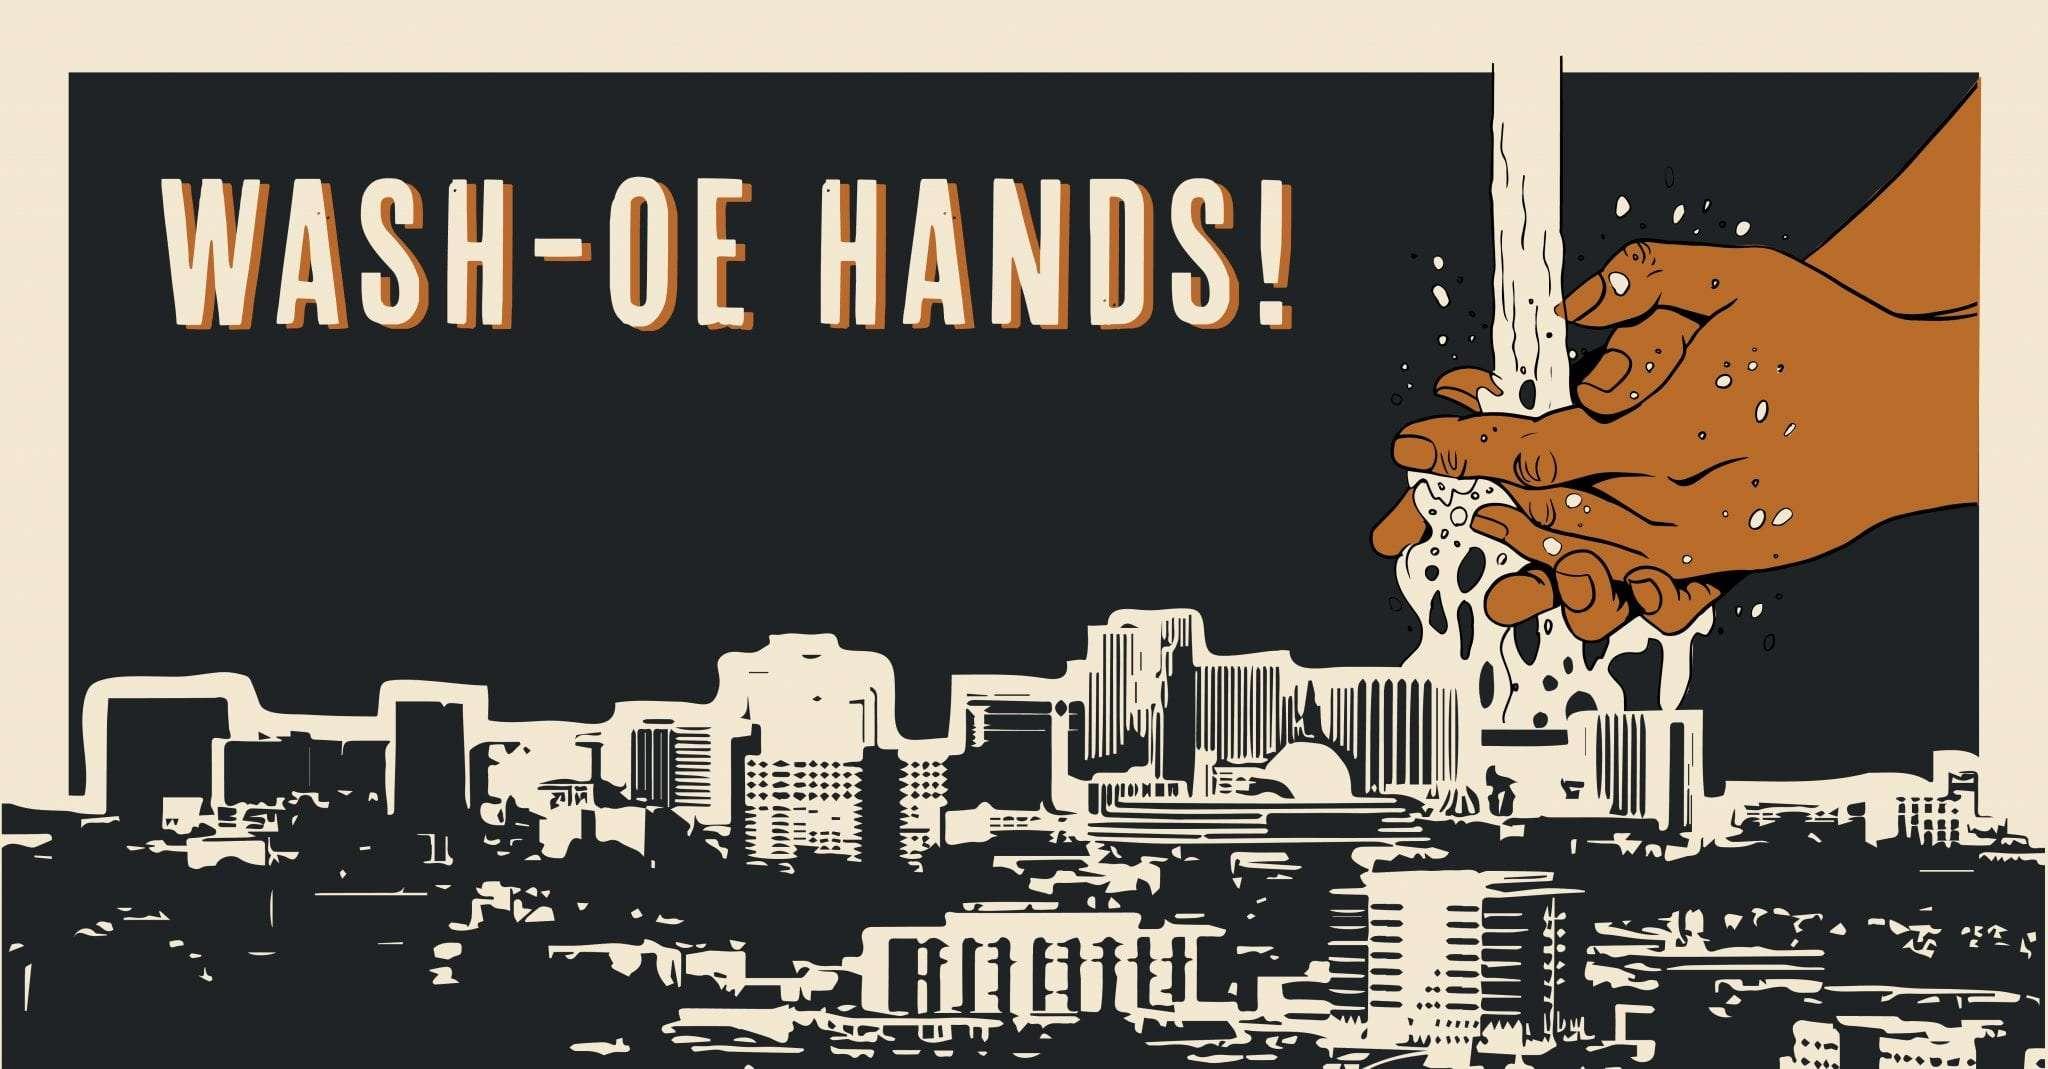 Washoe Hands